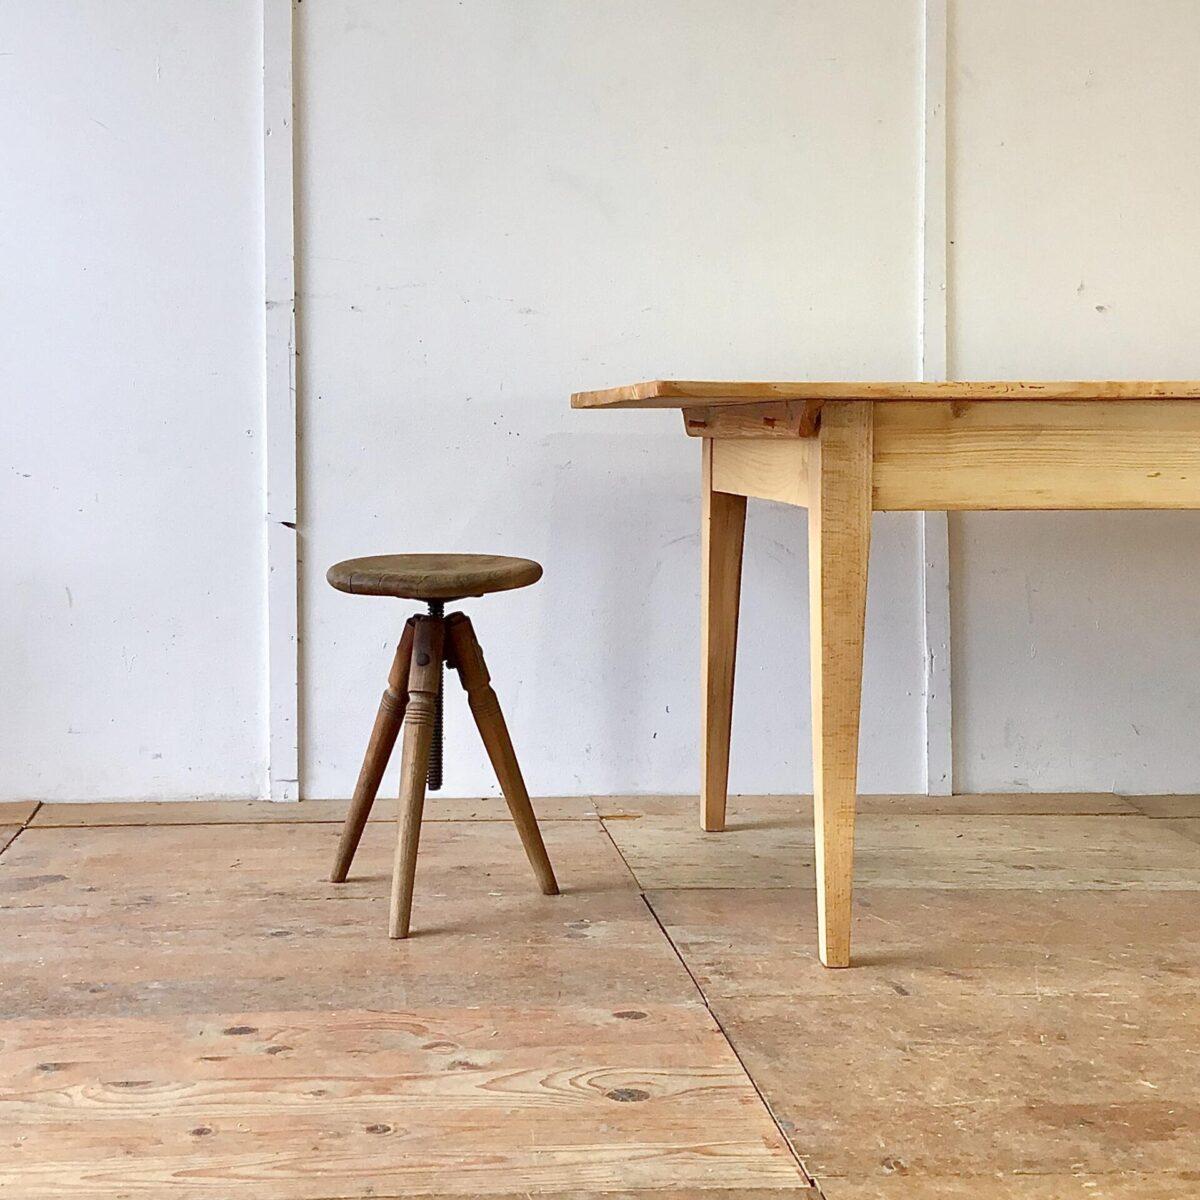 Deuxieme.shop Beizentisch Biedermeiertisch. Grosser Tannenholz Biedermeiertisch mit Gratleisten. 270x93cm Höhe 75.5cm. Dieser lange Esstisch hat eine grosszügige tiefe im Vergleich zu anderen Biedermeiertischen aus der Zeit. Der Tisch ist frisch aufbereitet und stabil, die Holzoberfläche ist mit Naturöl behandelt. Das Tischblatt ist aufgelegt und mittels Holzzapfen mit dem Unterbau verbunden.